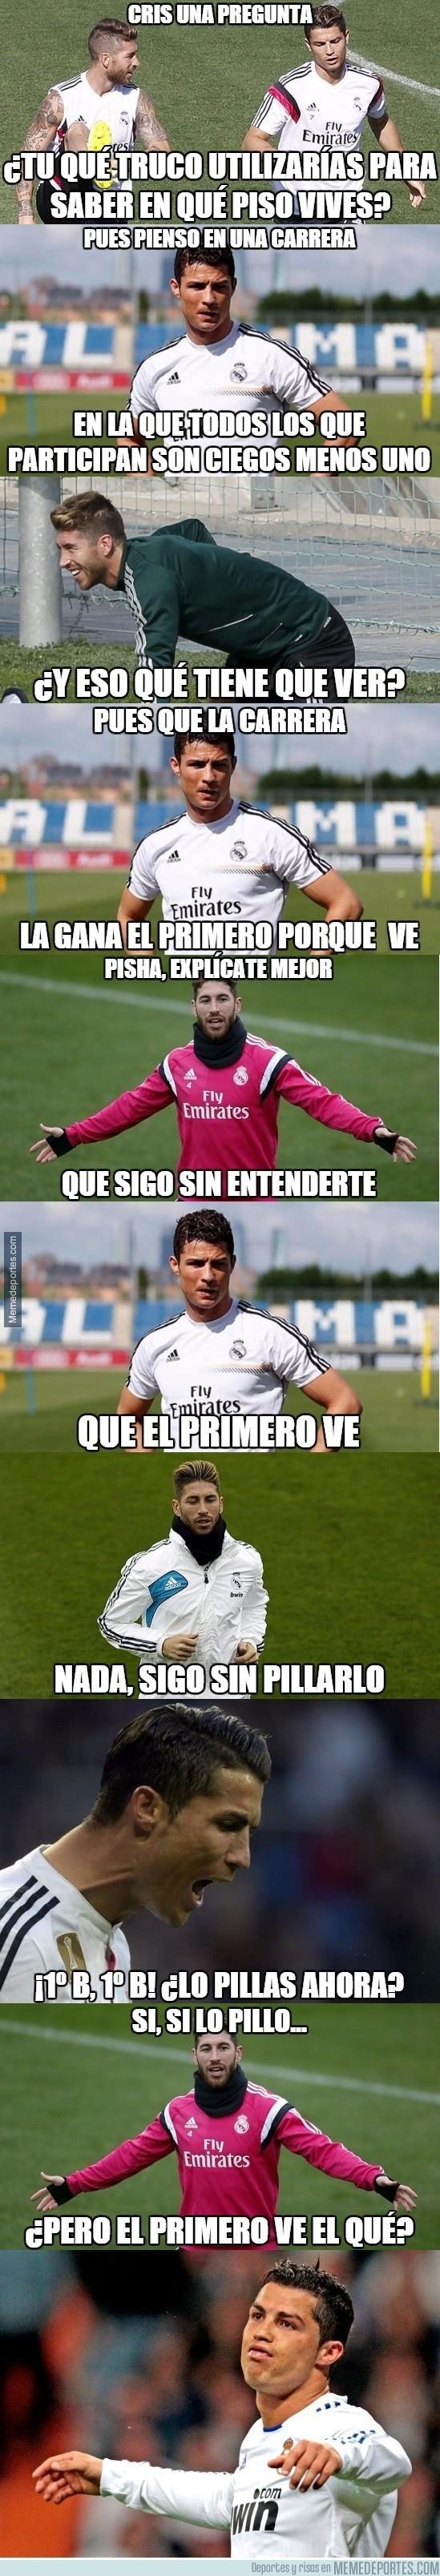 731099 - Sergio Ramos no se entera de nada...